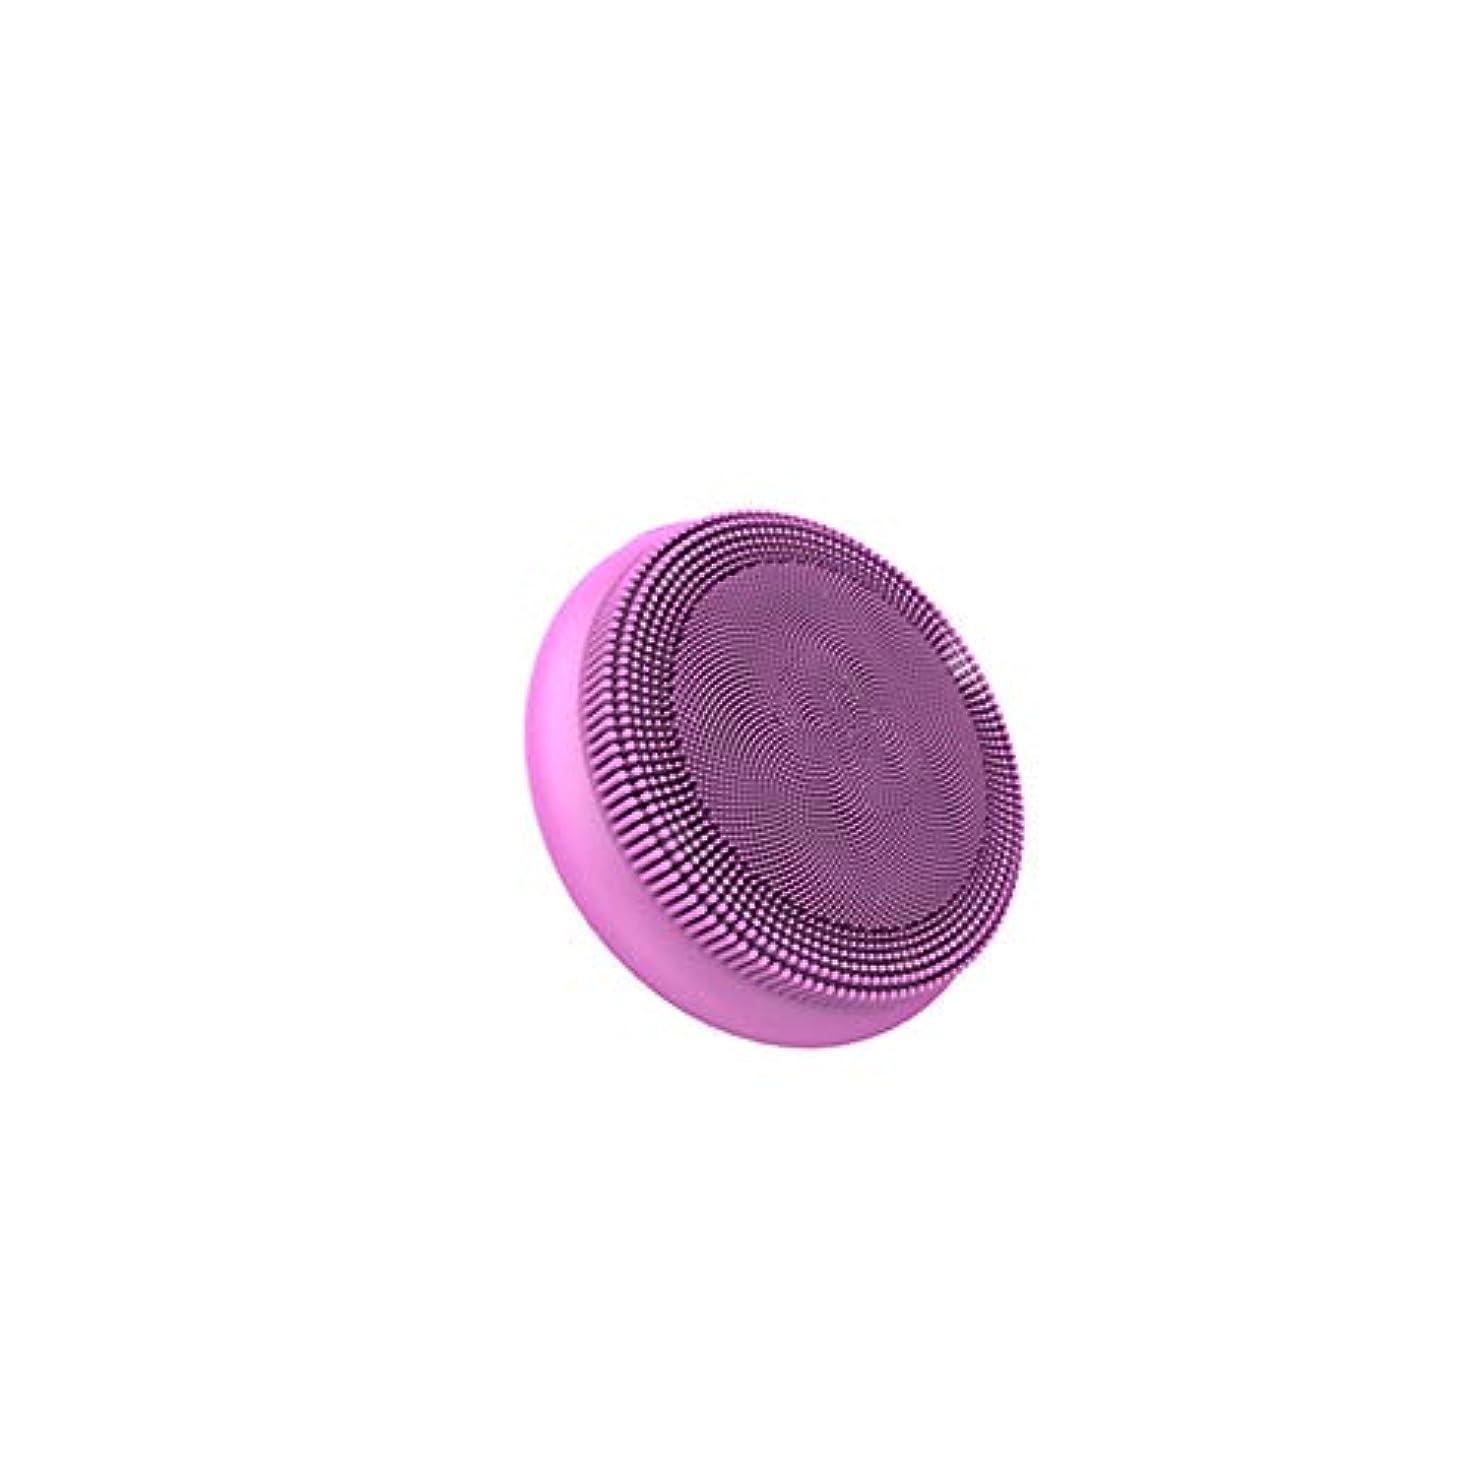 ゆるく告白する先生フェイシャルクレンジングブラシ、ディープクレンジング用防水シリコンフェイスマッサージャー、すべての肌タイプのアンチエイジングスキンケアデバイス,ピンク